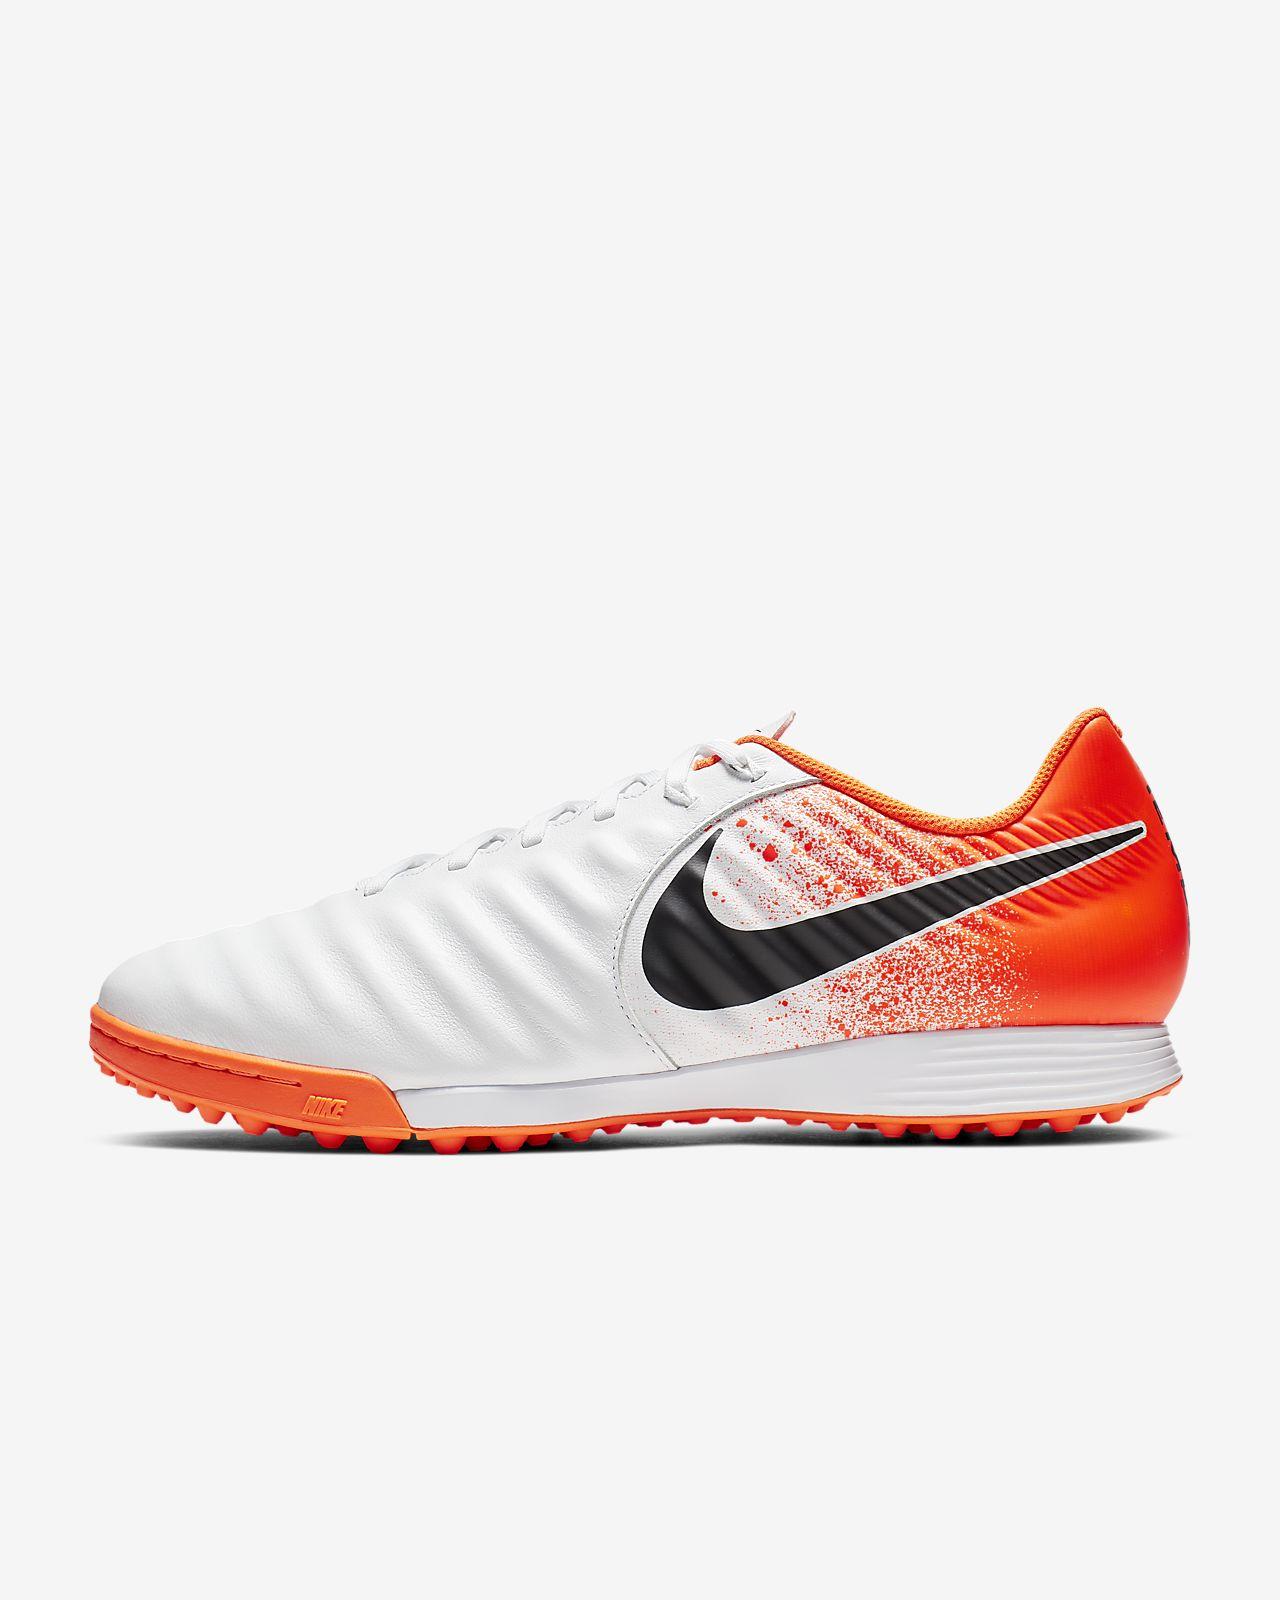 รองเท้าสตั๊ดฟุตบอลสำหรับพื้นสนามหญ้าเทียม Nike LegendX 7 Academy TF